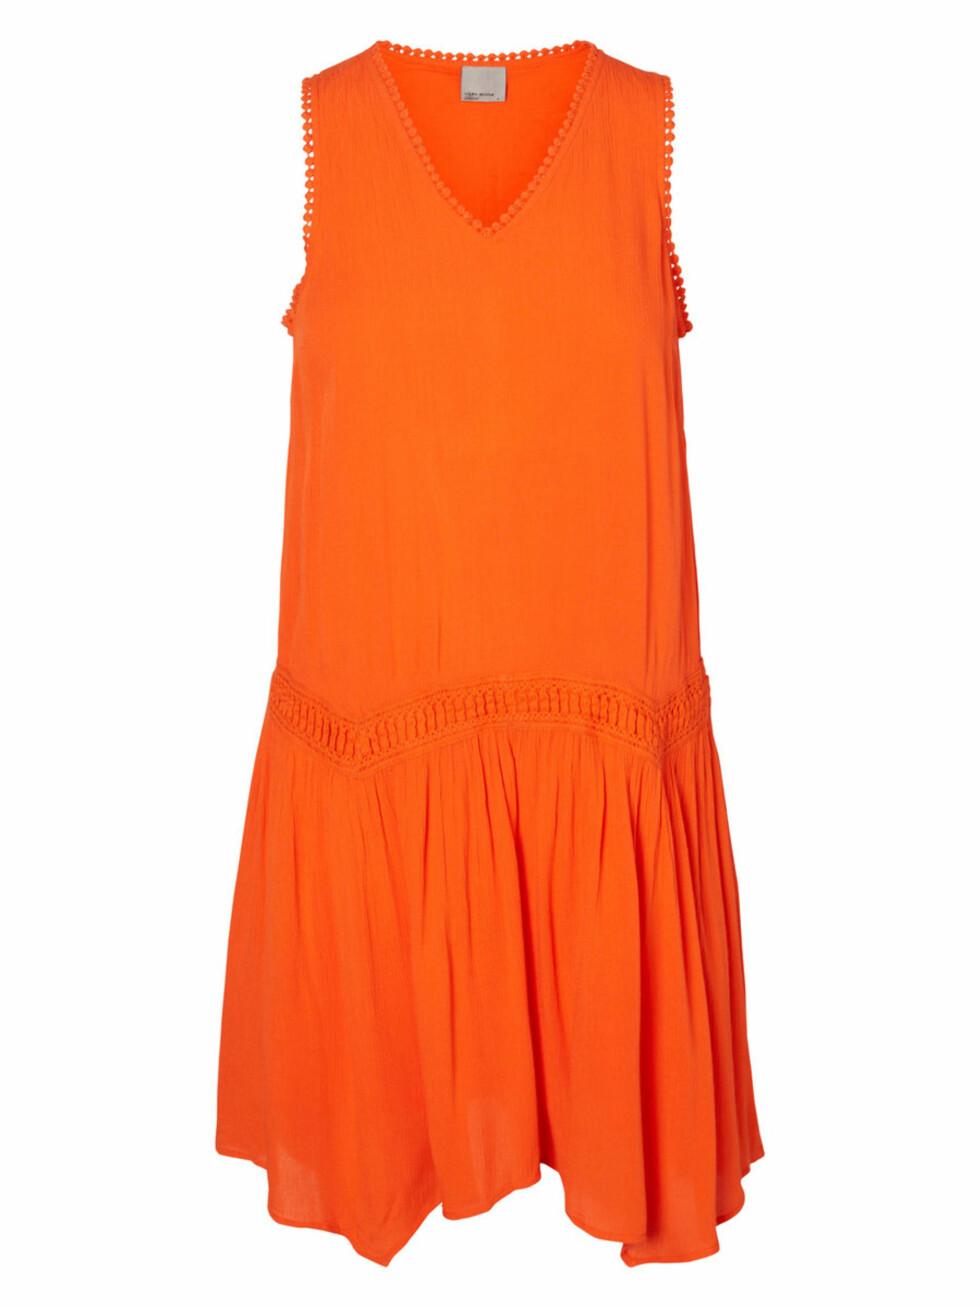 Kjole fra Vero Moda, kr 399,50. Foto: Produsenten